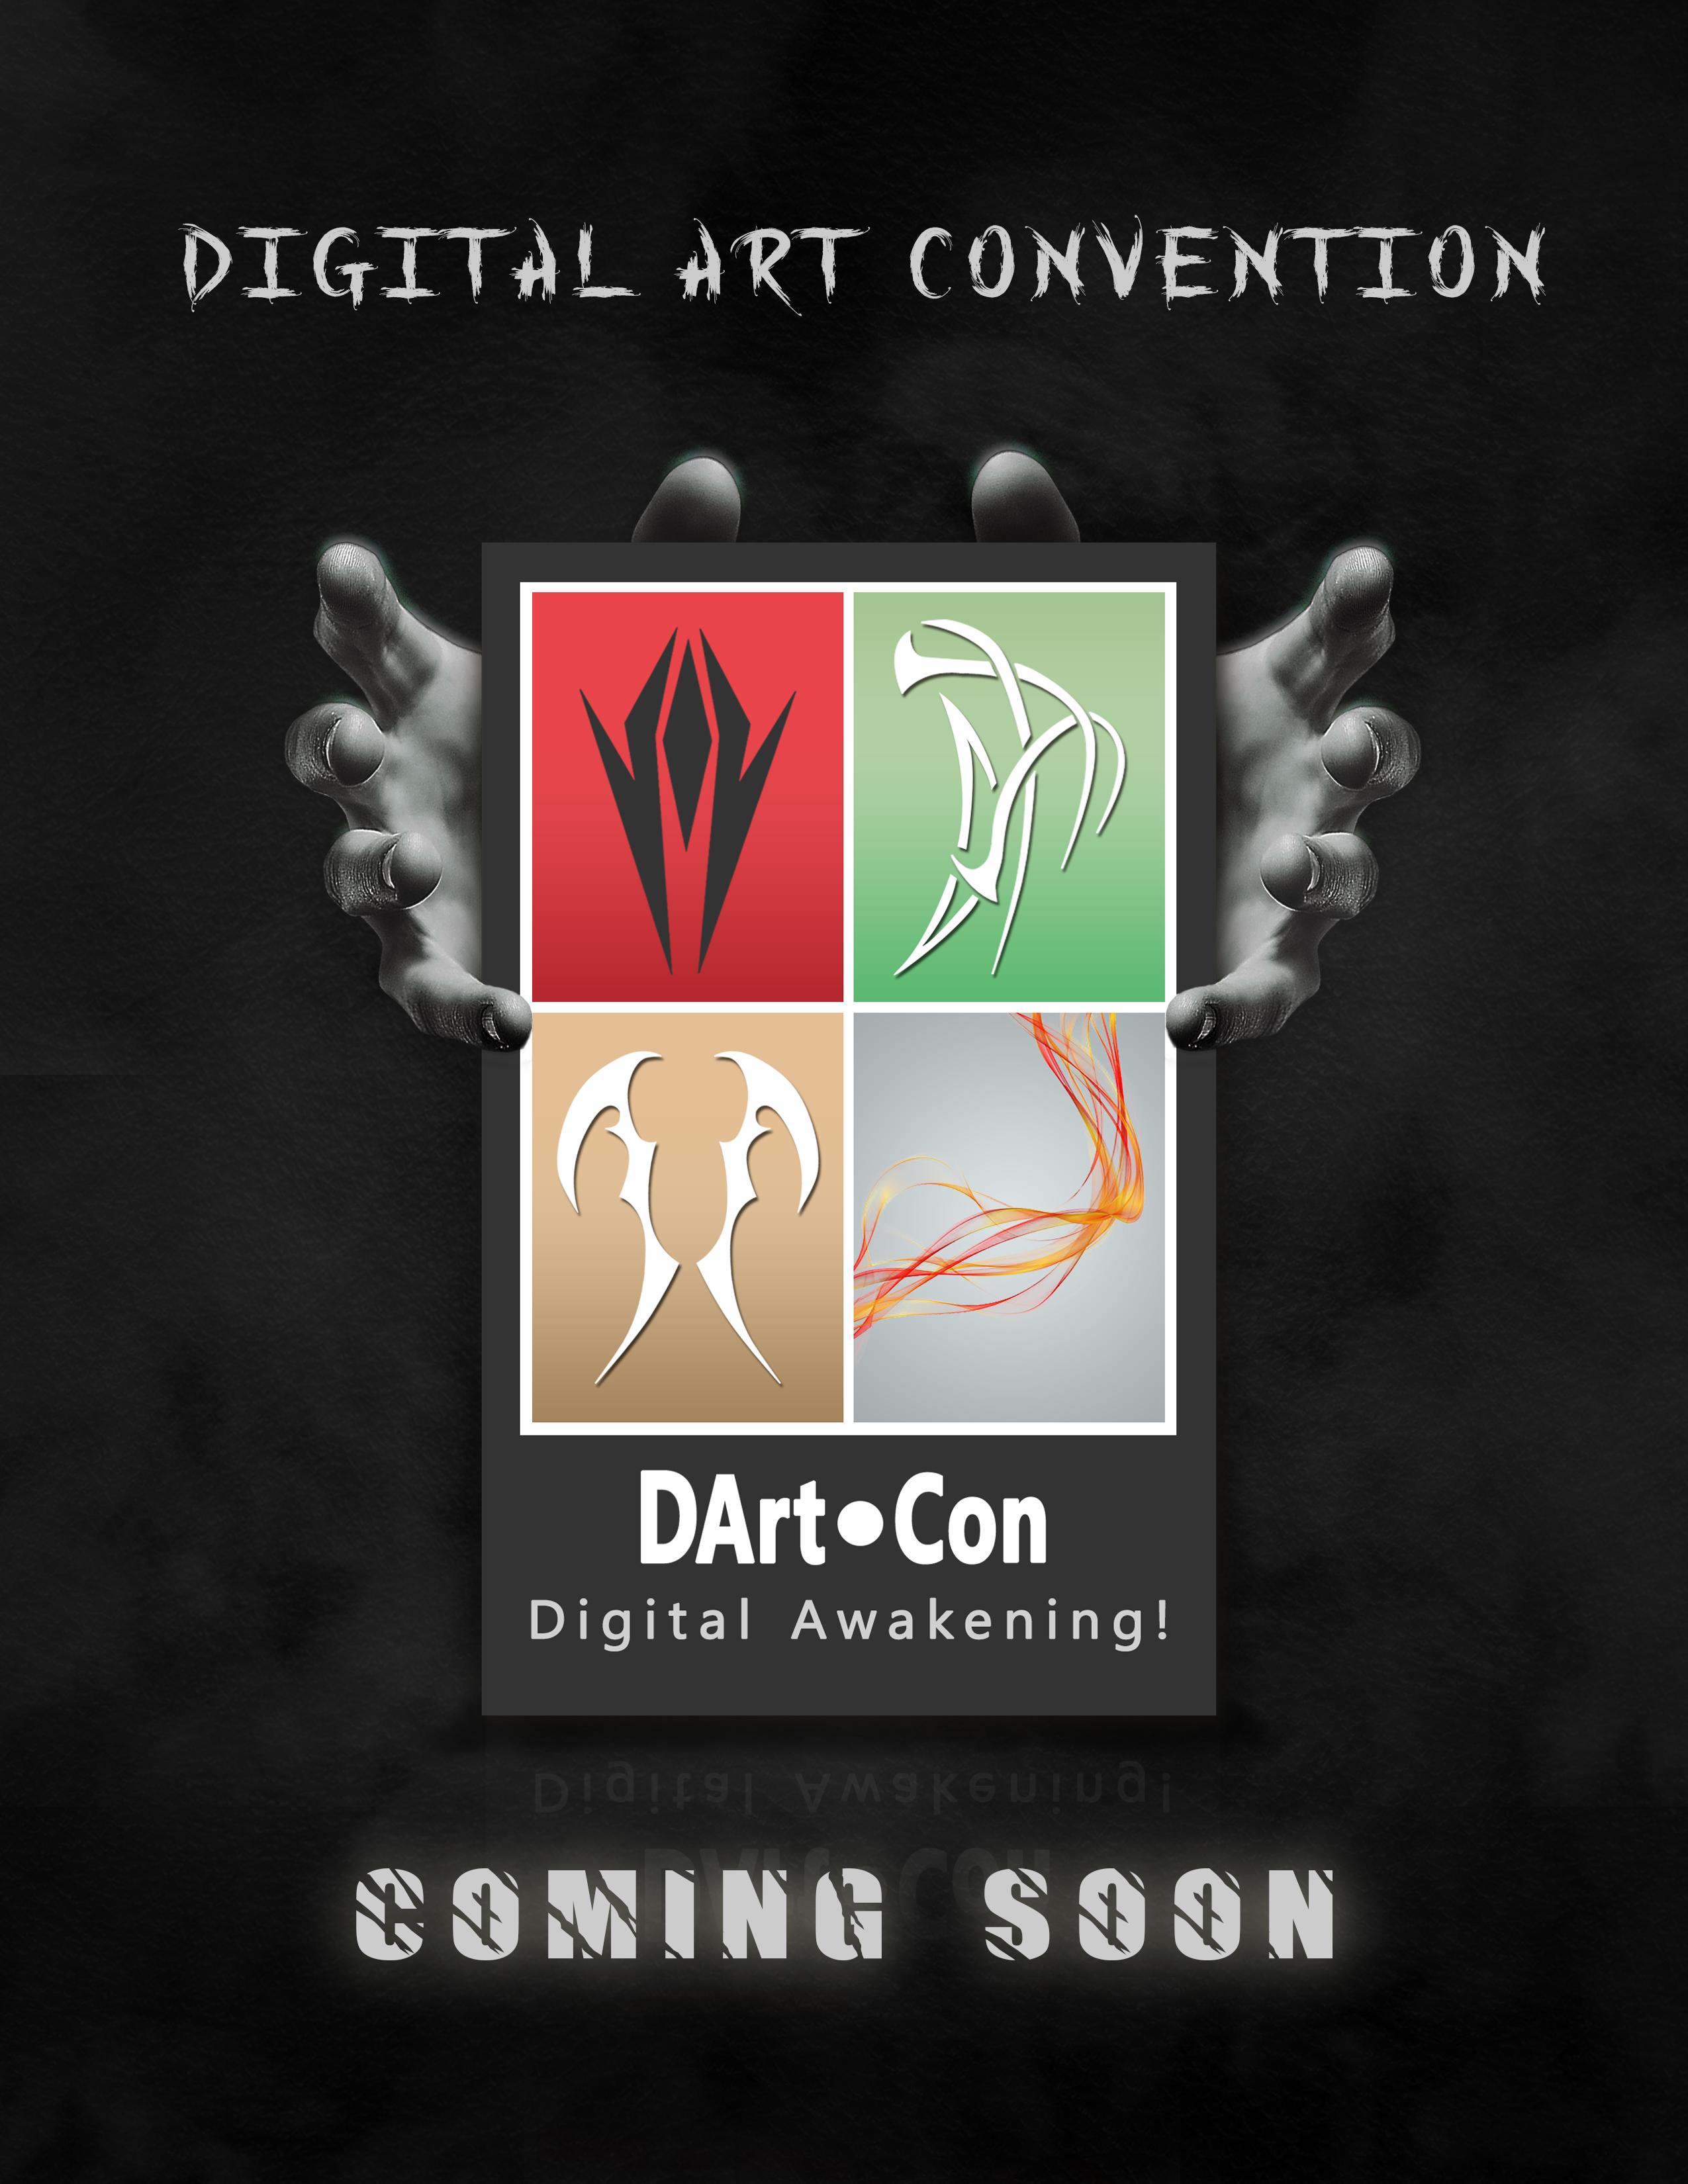 DartCon